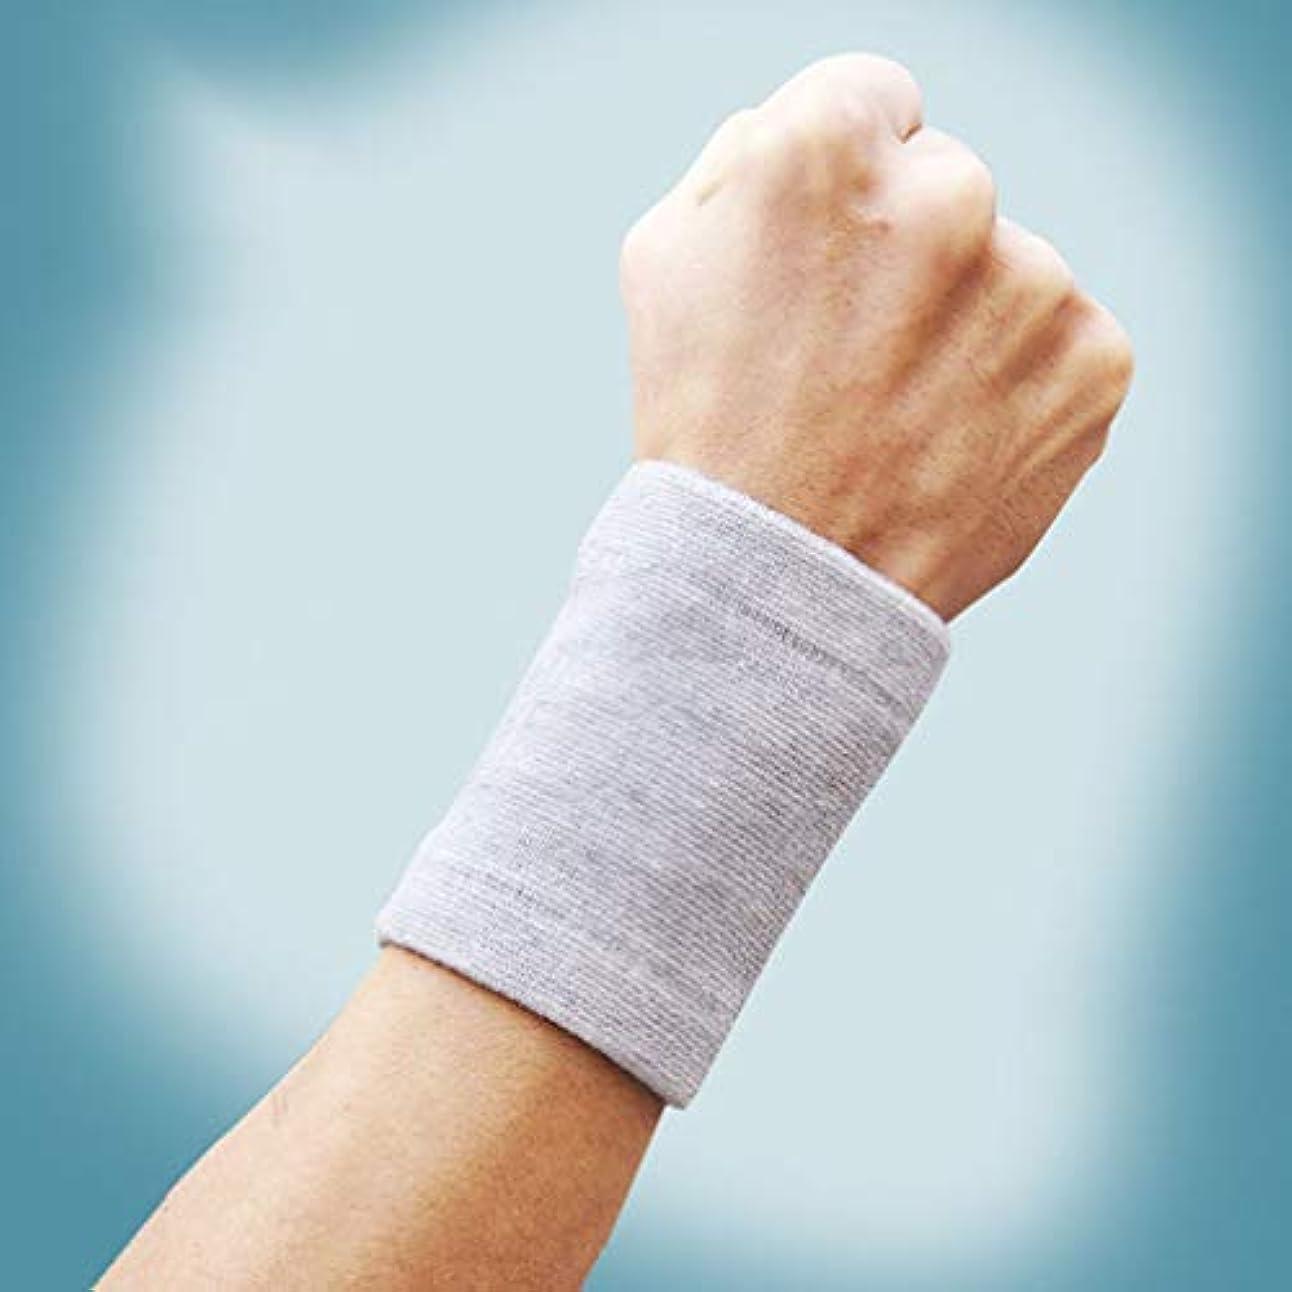 翻訳グレートオーク図書館2個の耐摩耗性のある作業製造保護スポーツ手首スリーブ手袋-innovationo